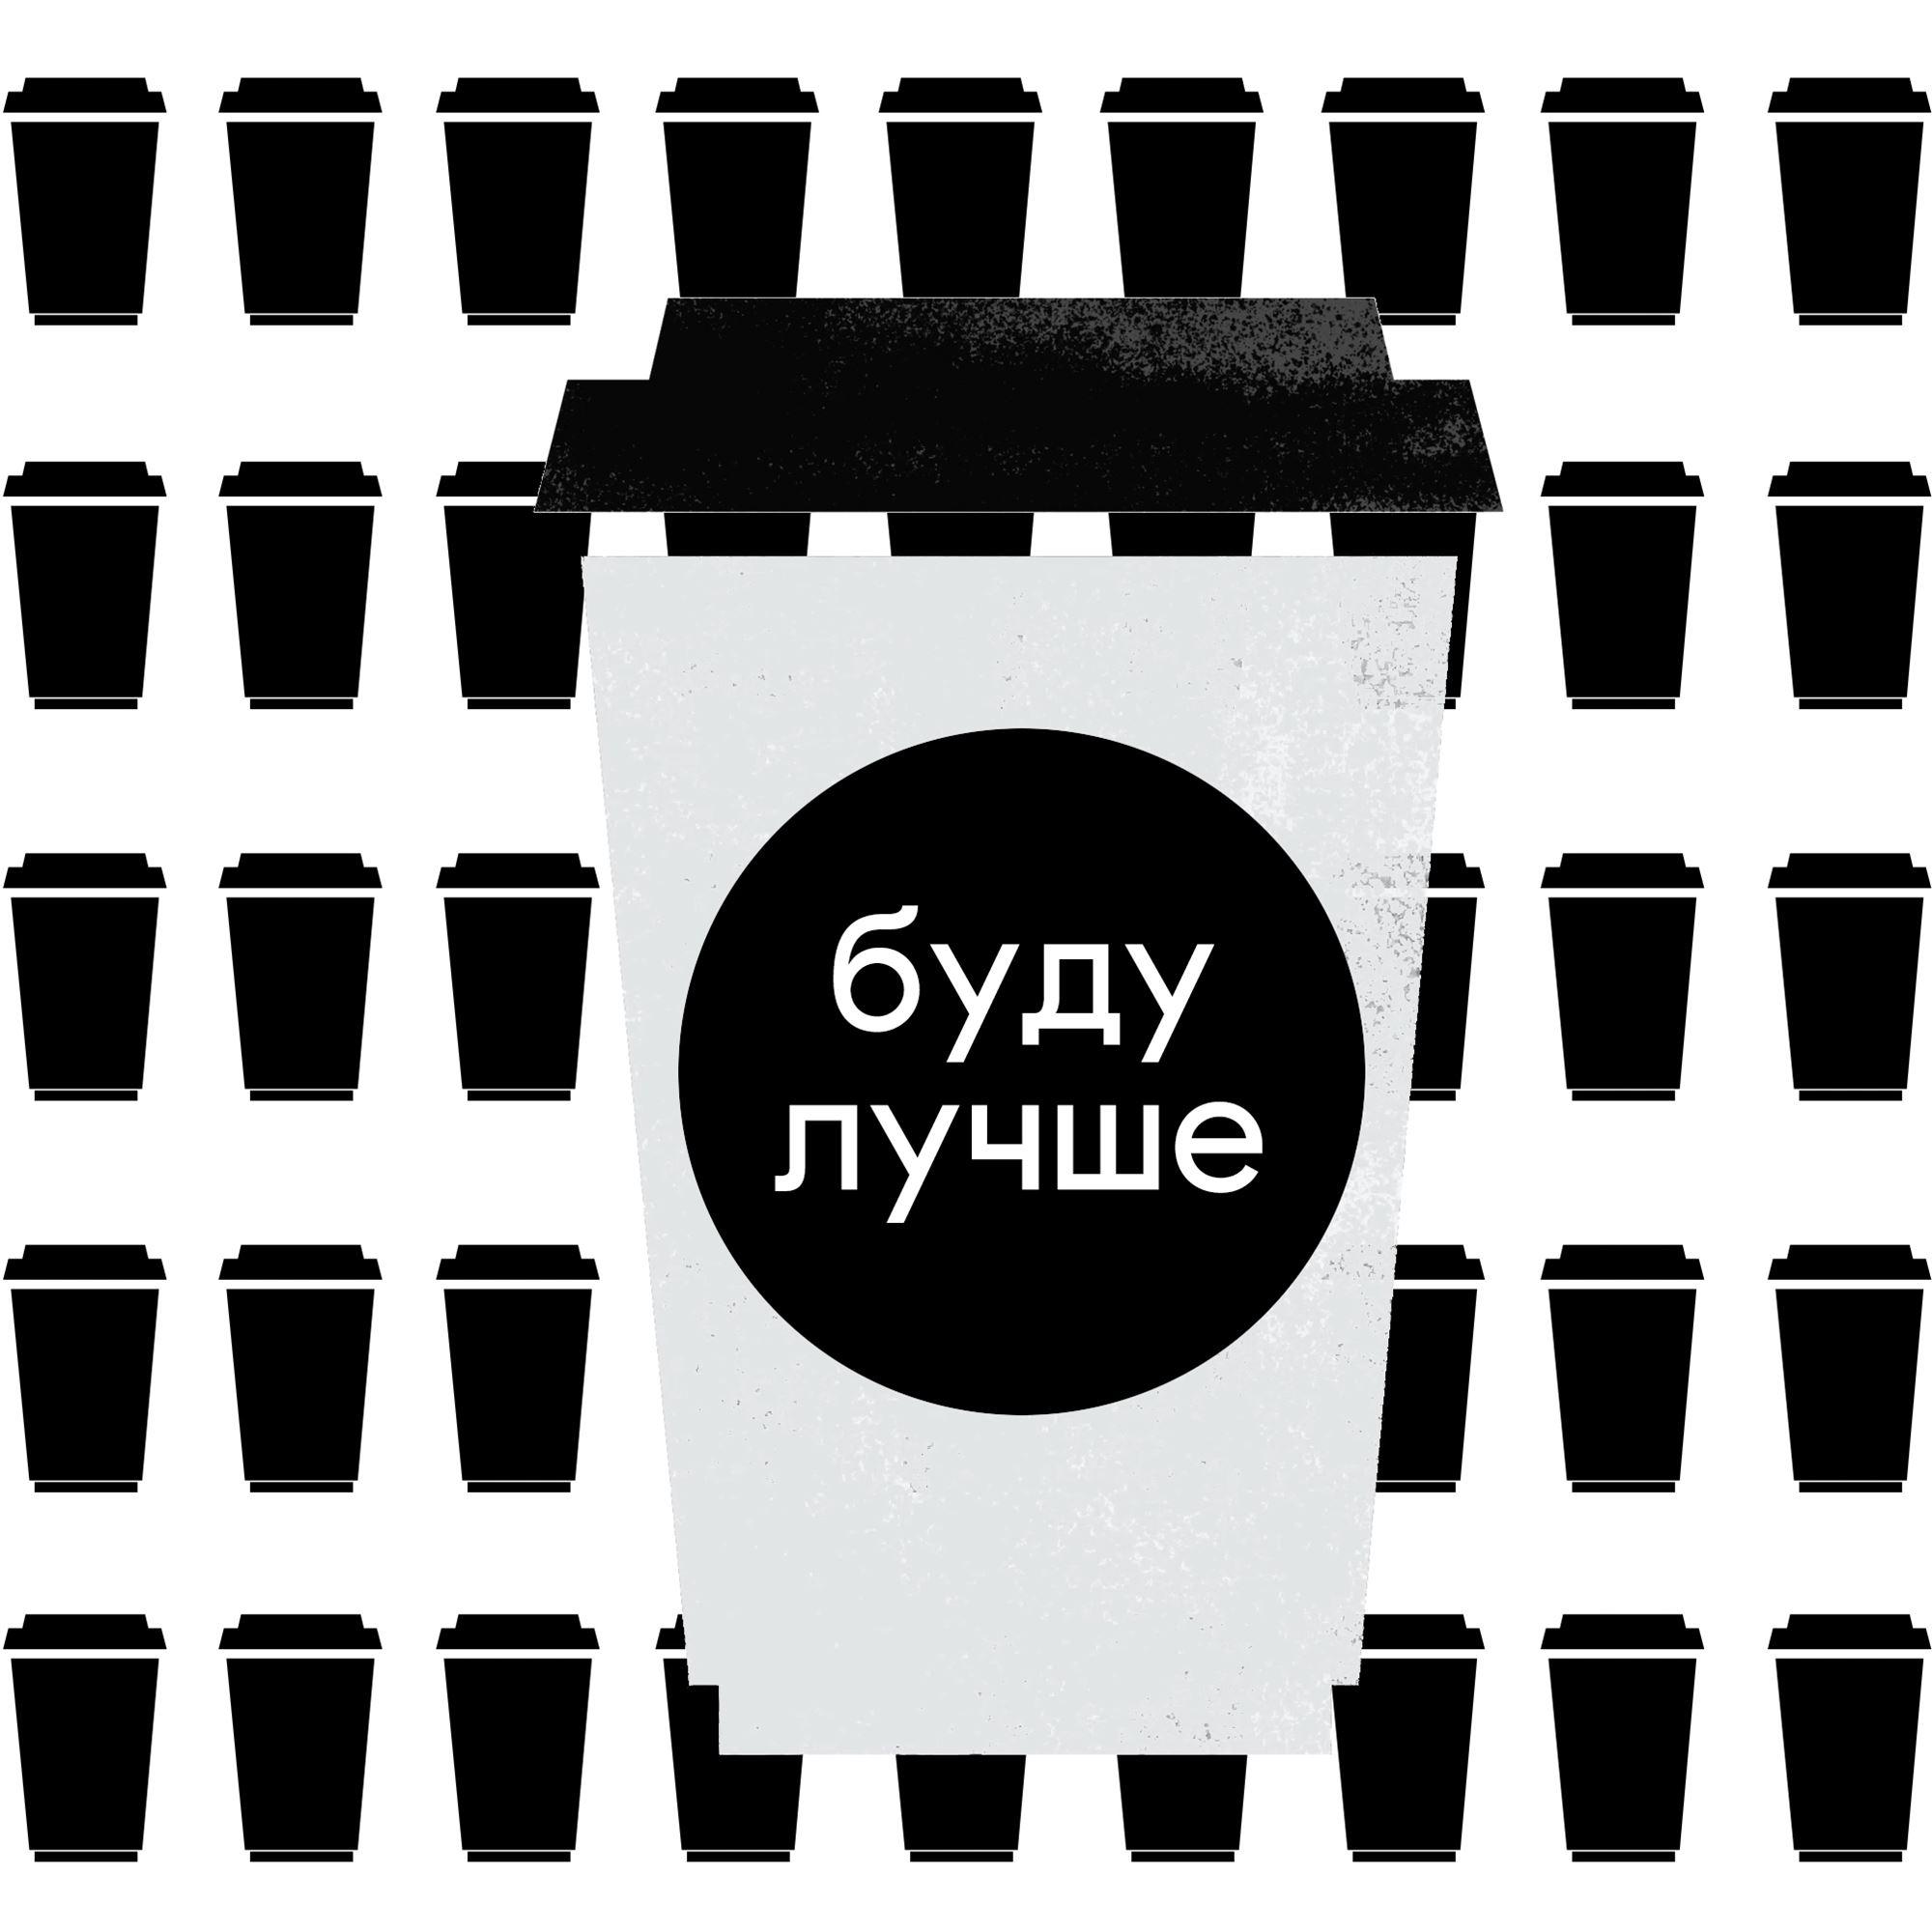 Буду лучше | Стаканчик для кофе с собой